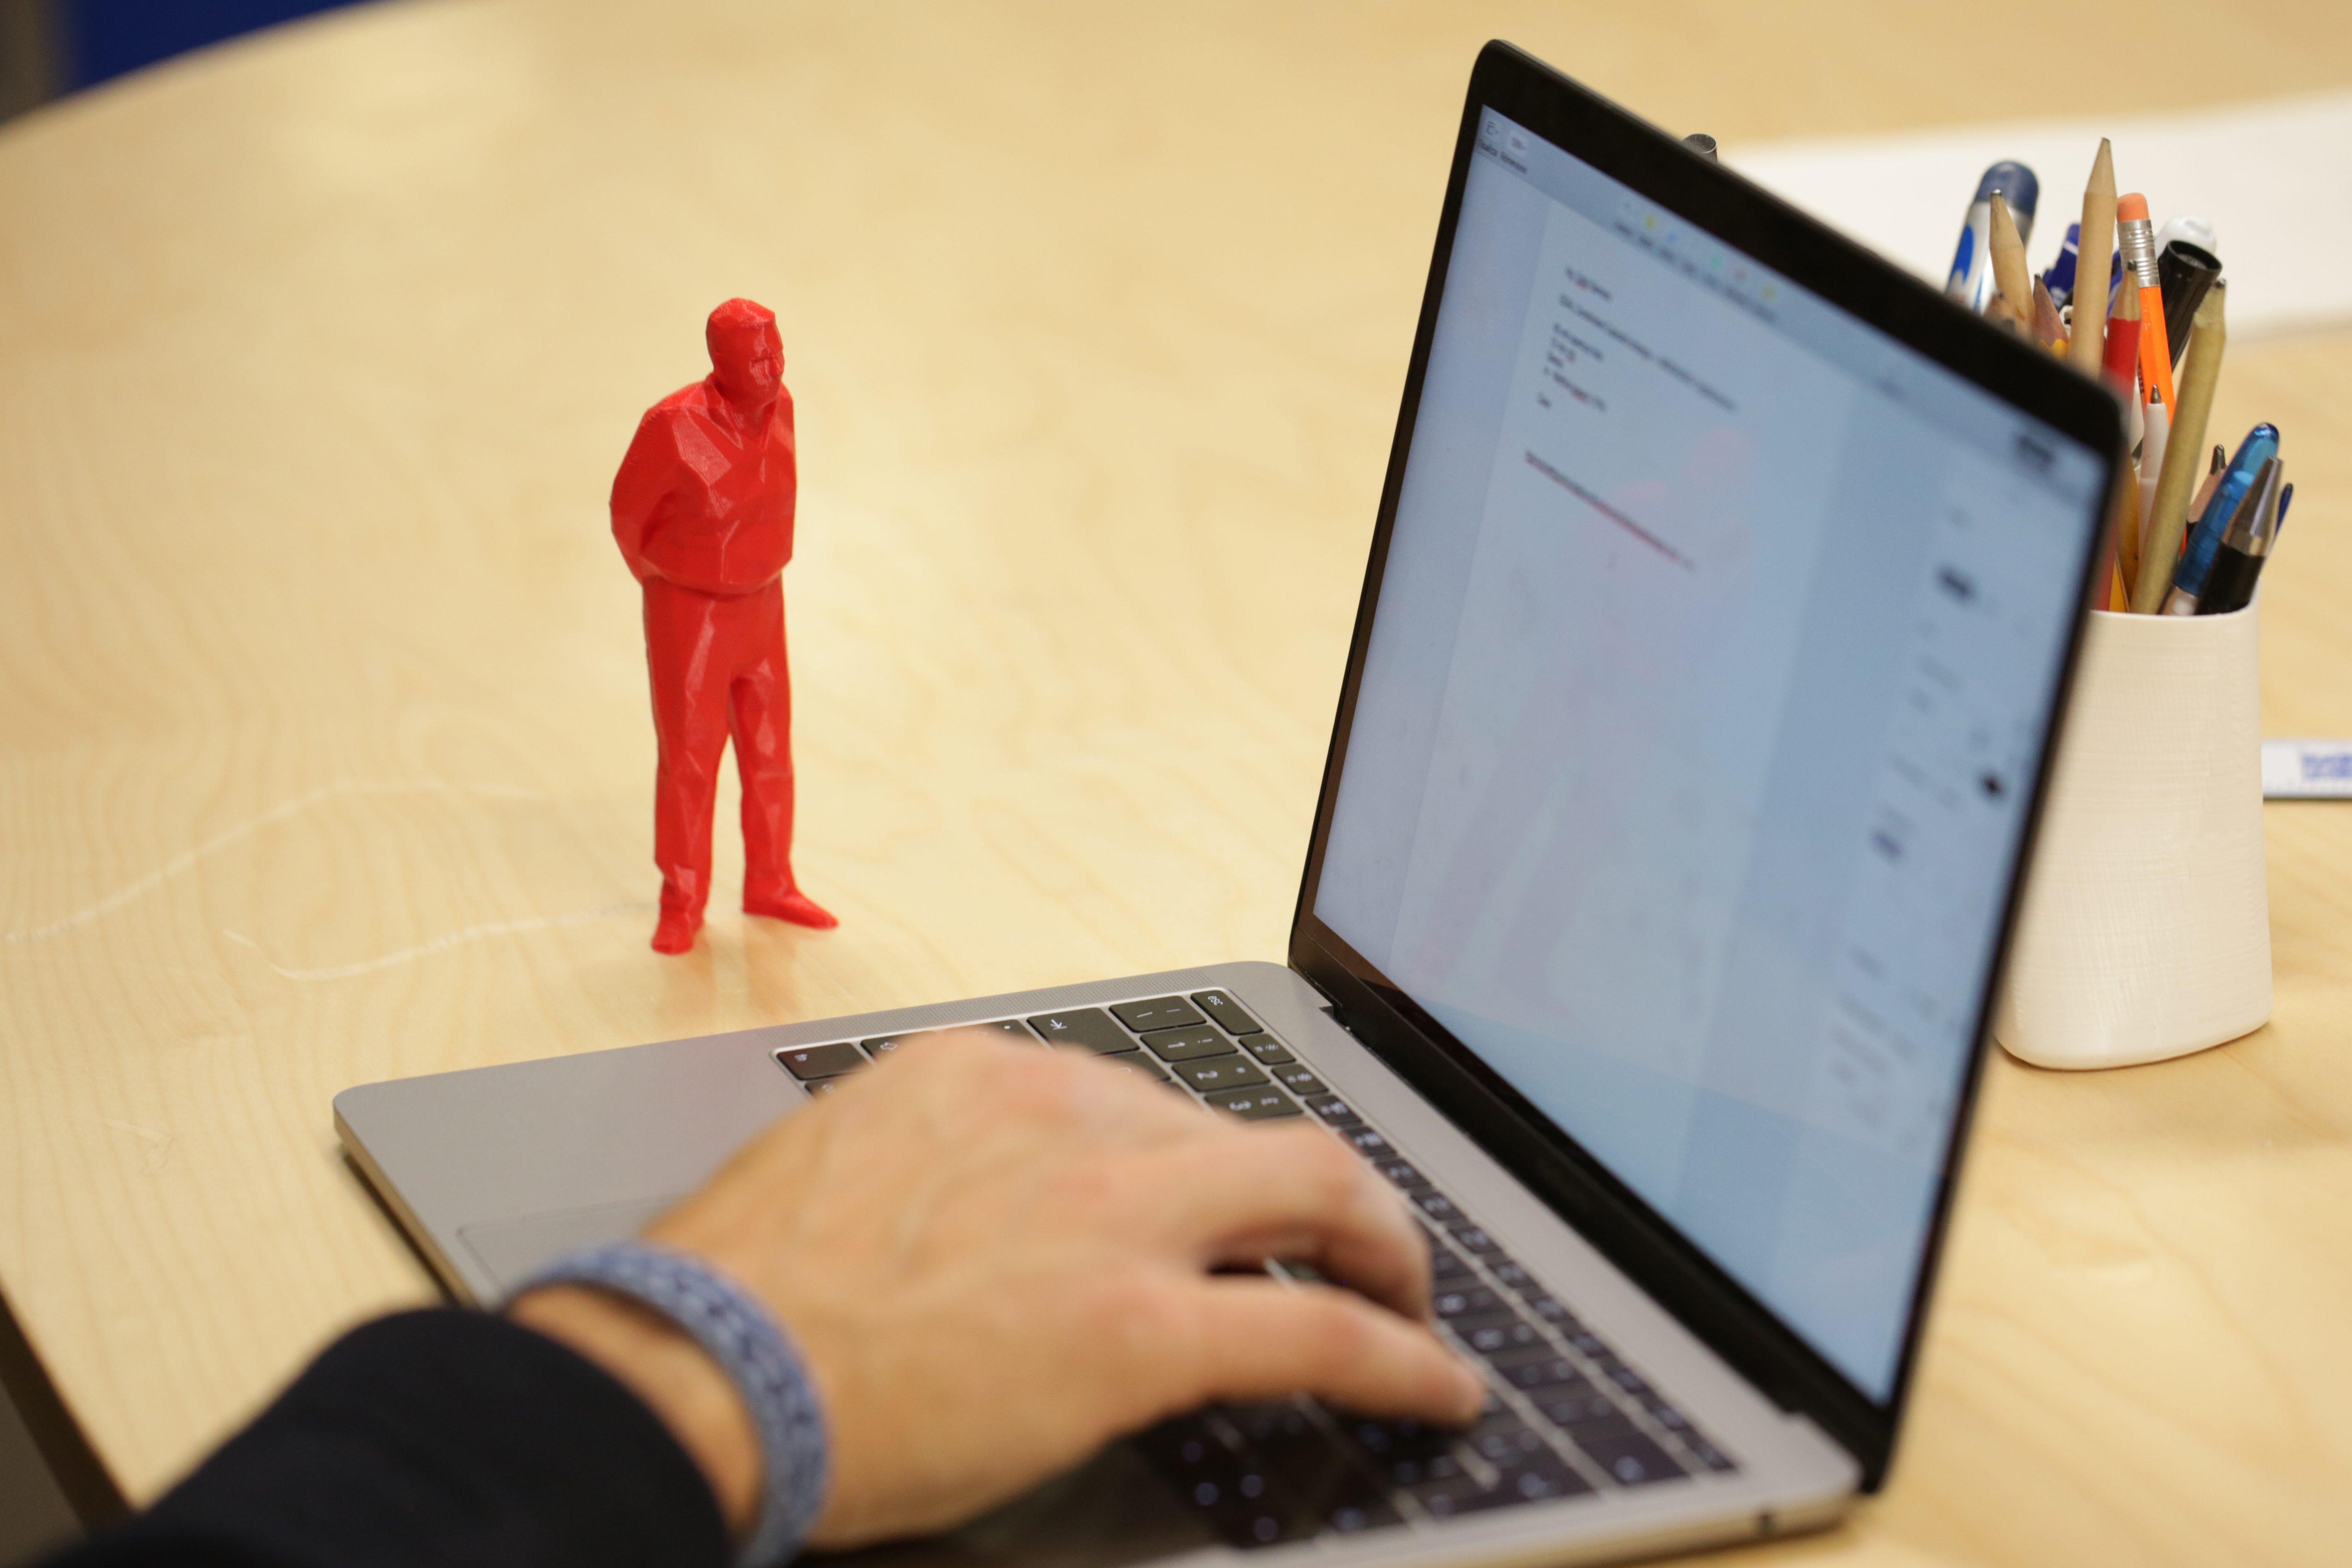 Ecco l'umarell da scrivania, l'anziano che ti guarda lavorare al PC